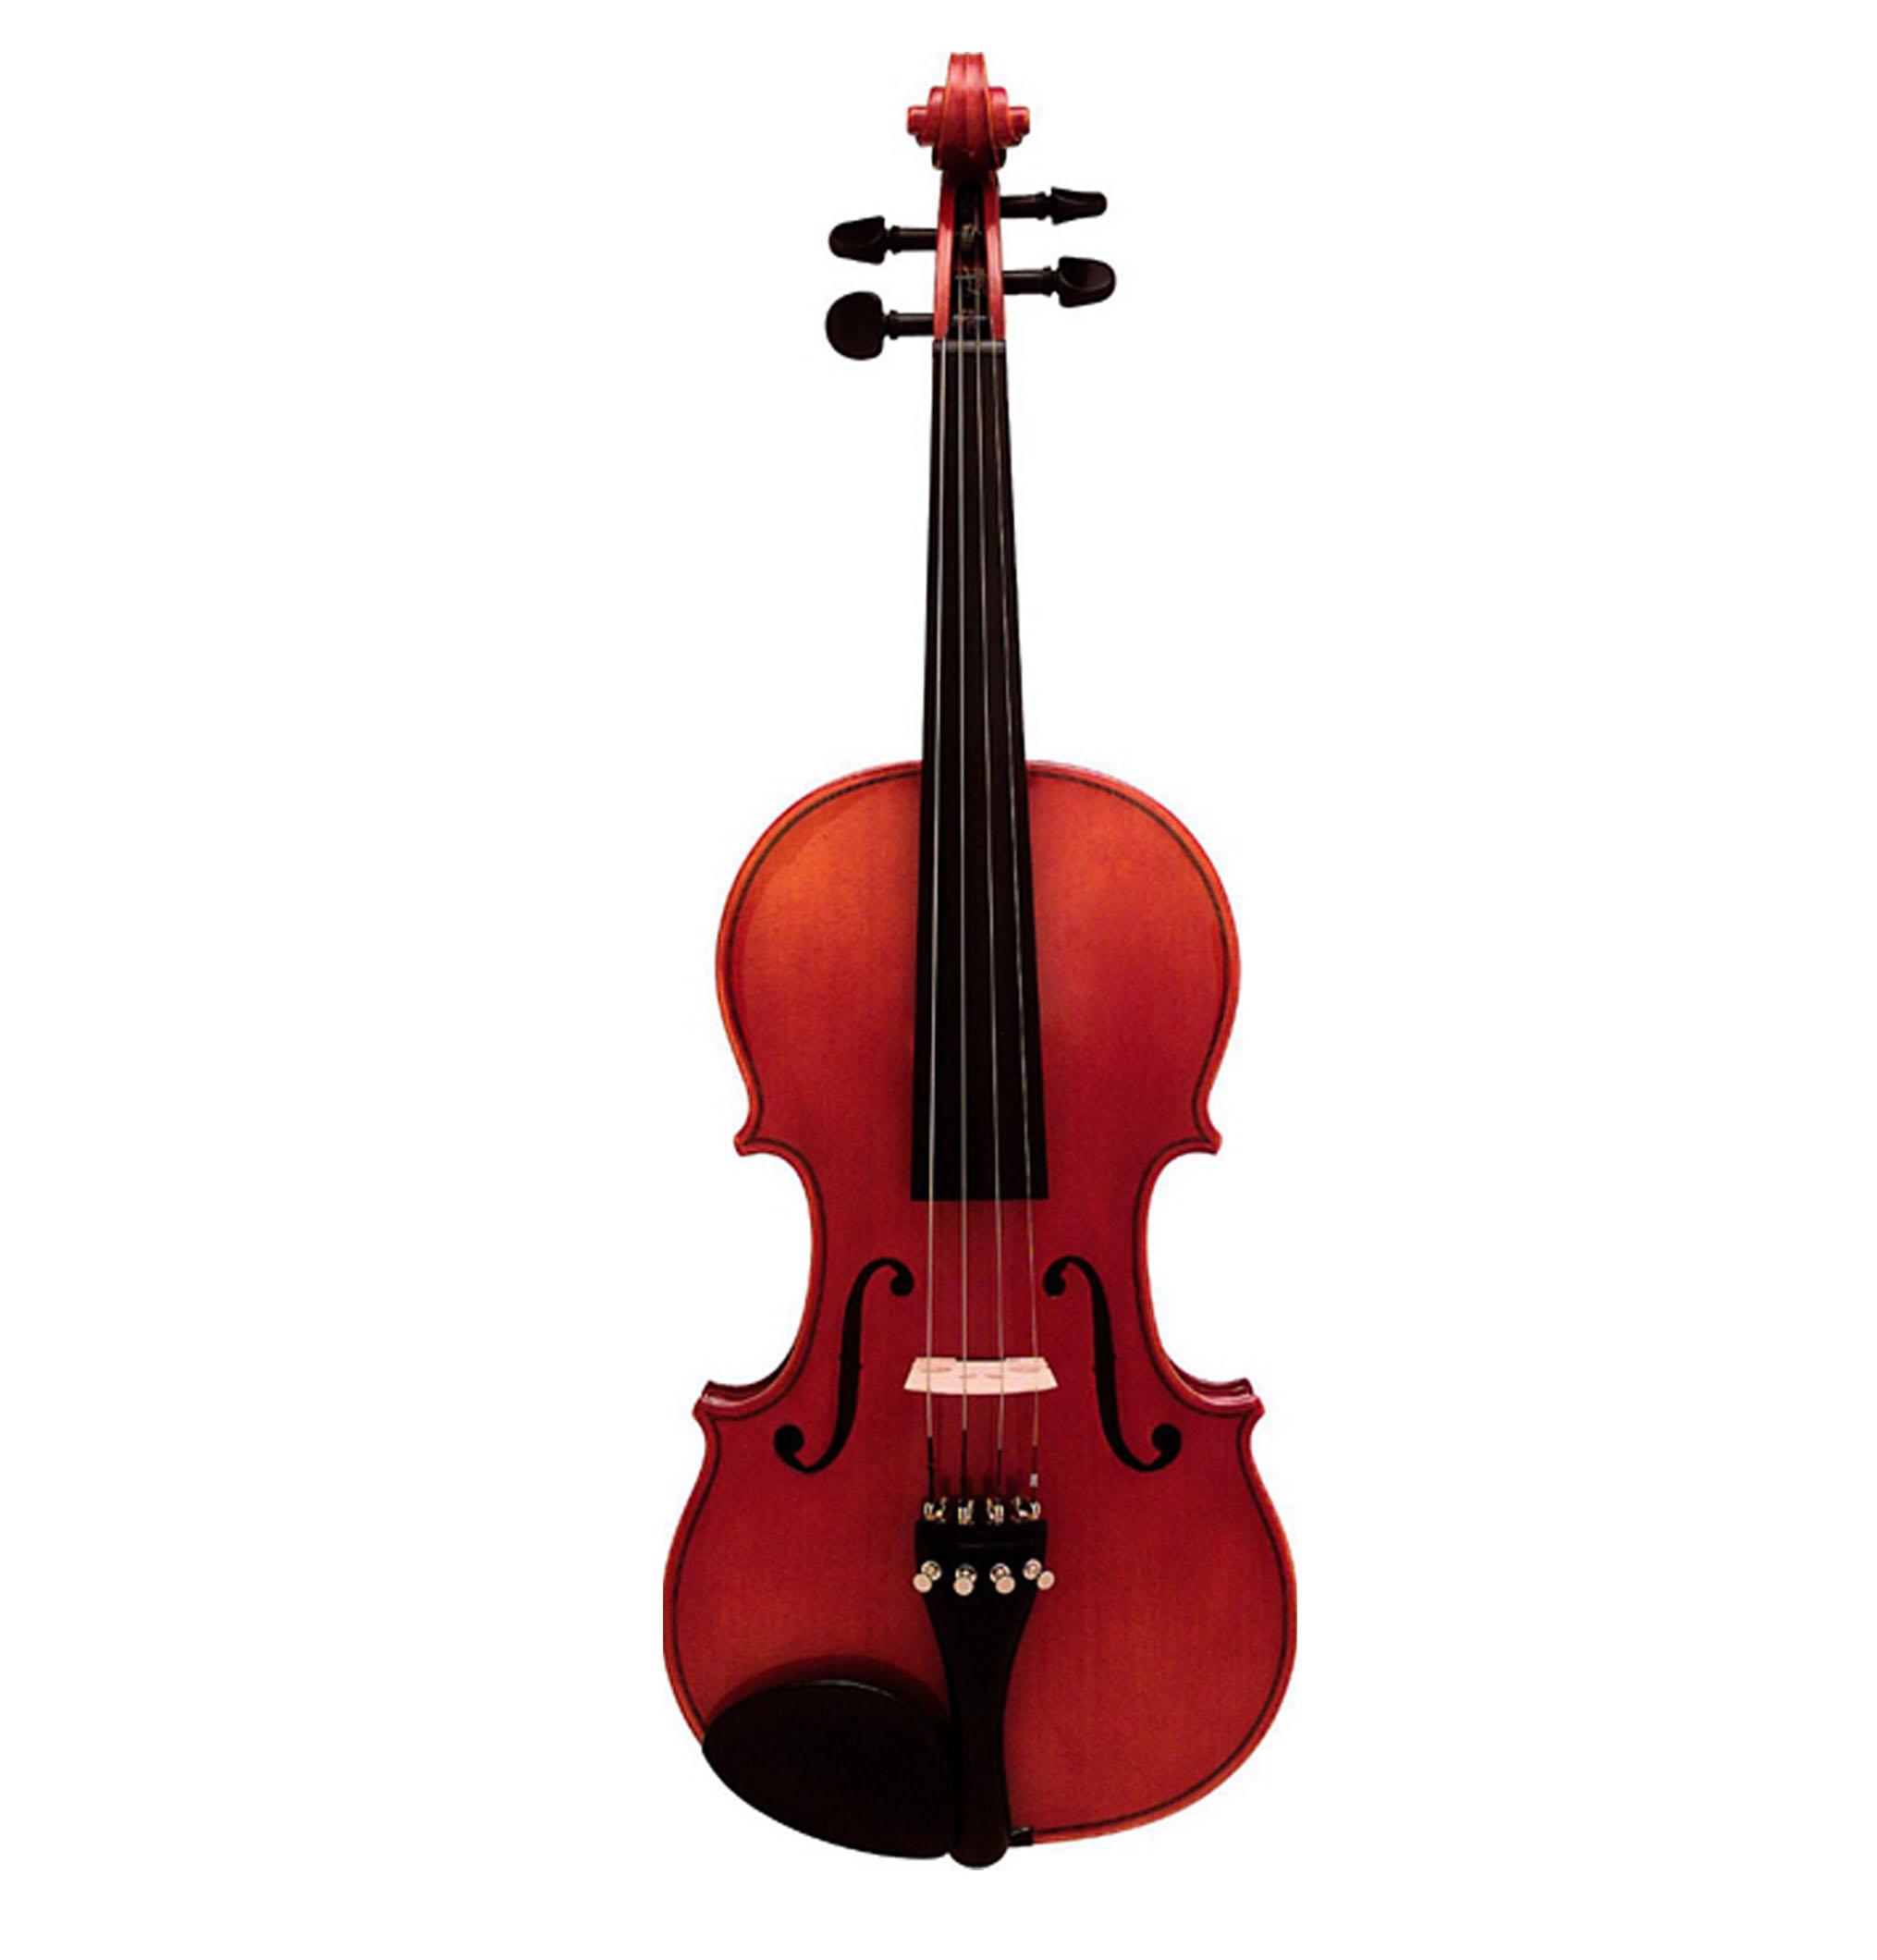 Đàn Violin Suzuki 220FE4 4/4